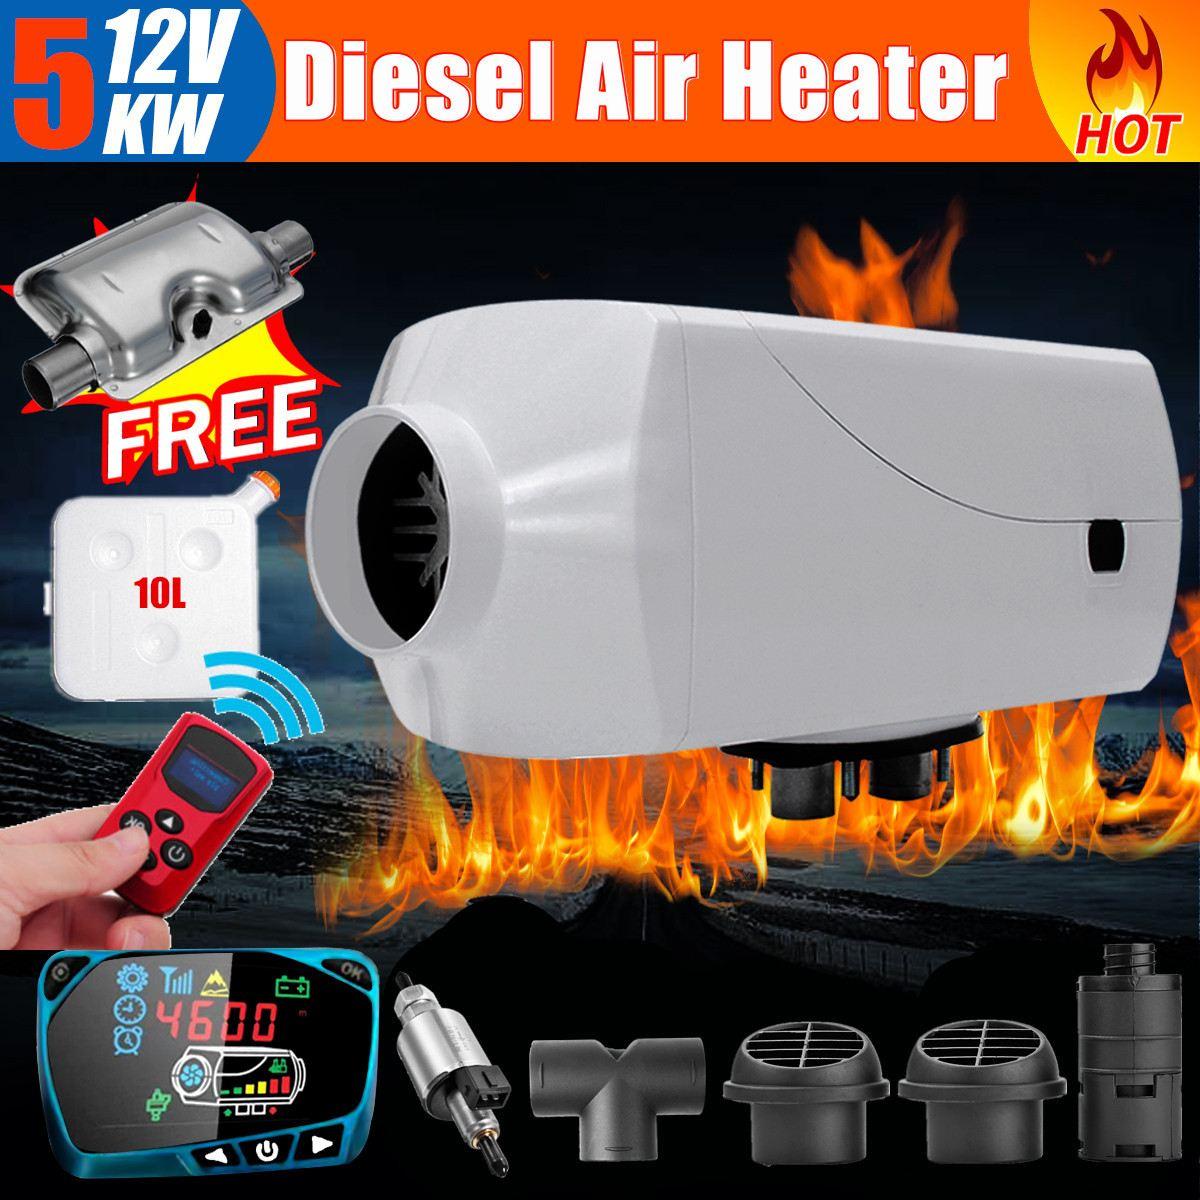 5KW 12 V Air voiture chauffage Intelligent LCD interrupteur + contrôle de température + silencieux hiver plus chaud pour SUV Bus camion bateau Van camping-Car